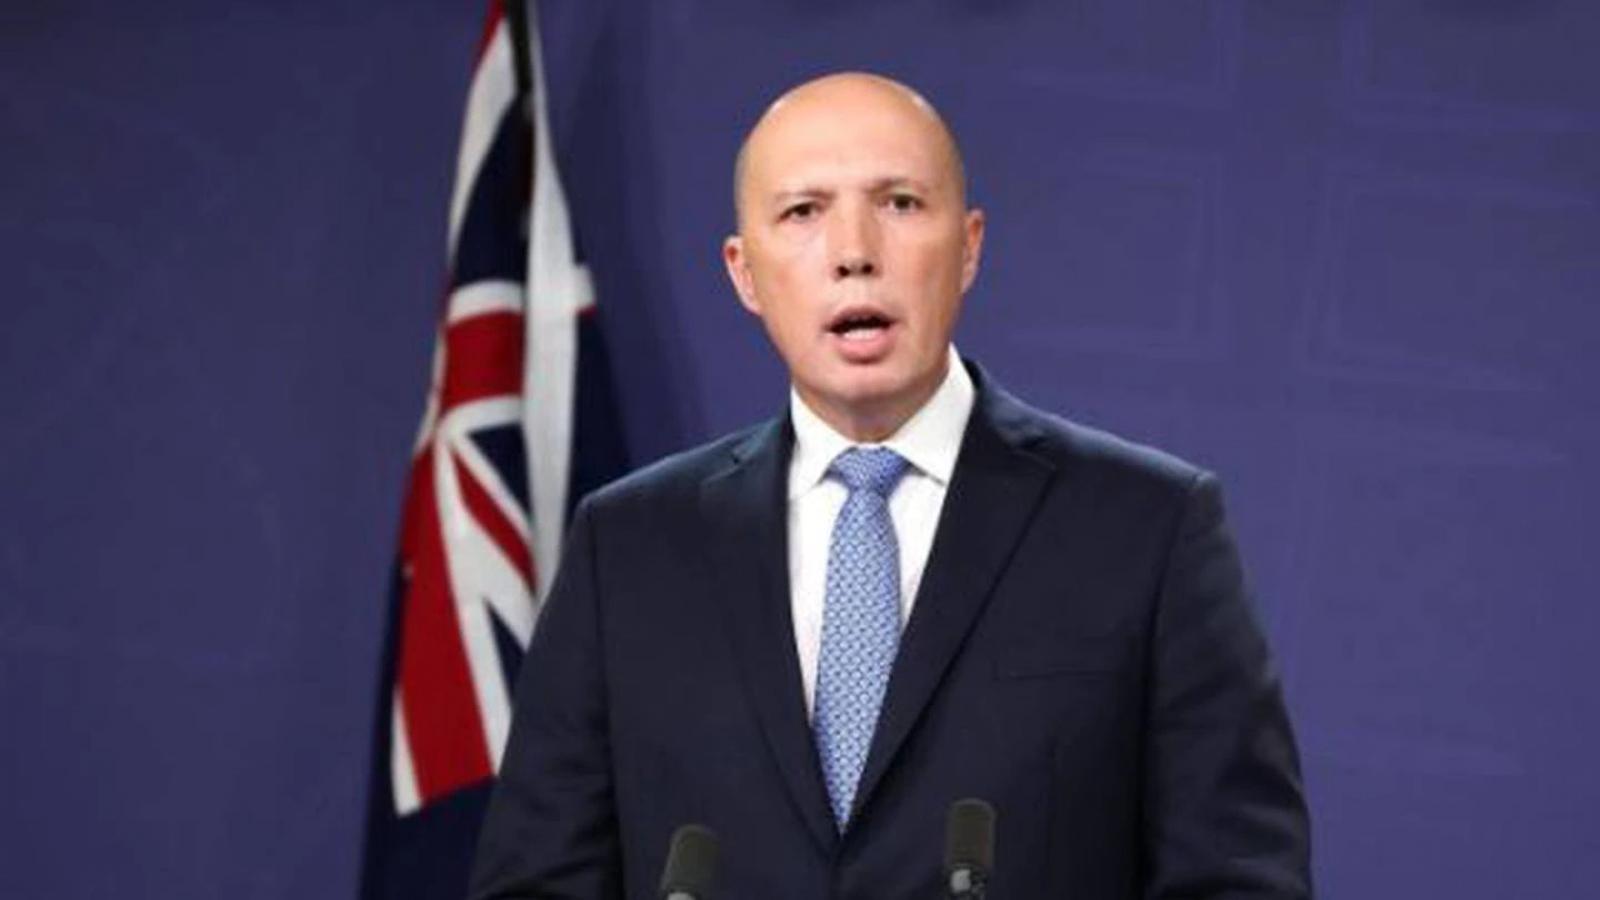 Bộ trưởng Quốc phòng Australia: Mỹ sẽ gia tăng hiện diện quân sự tại Australia